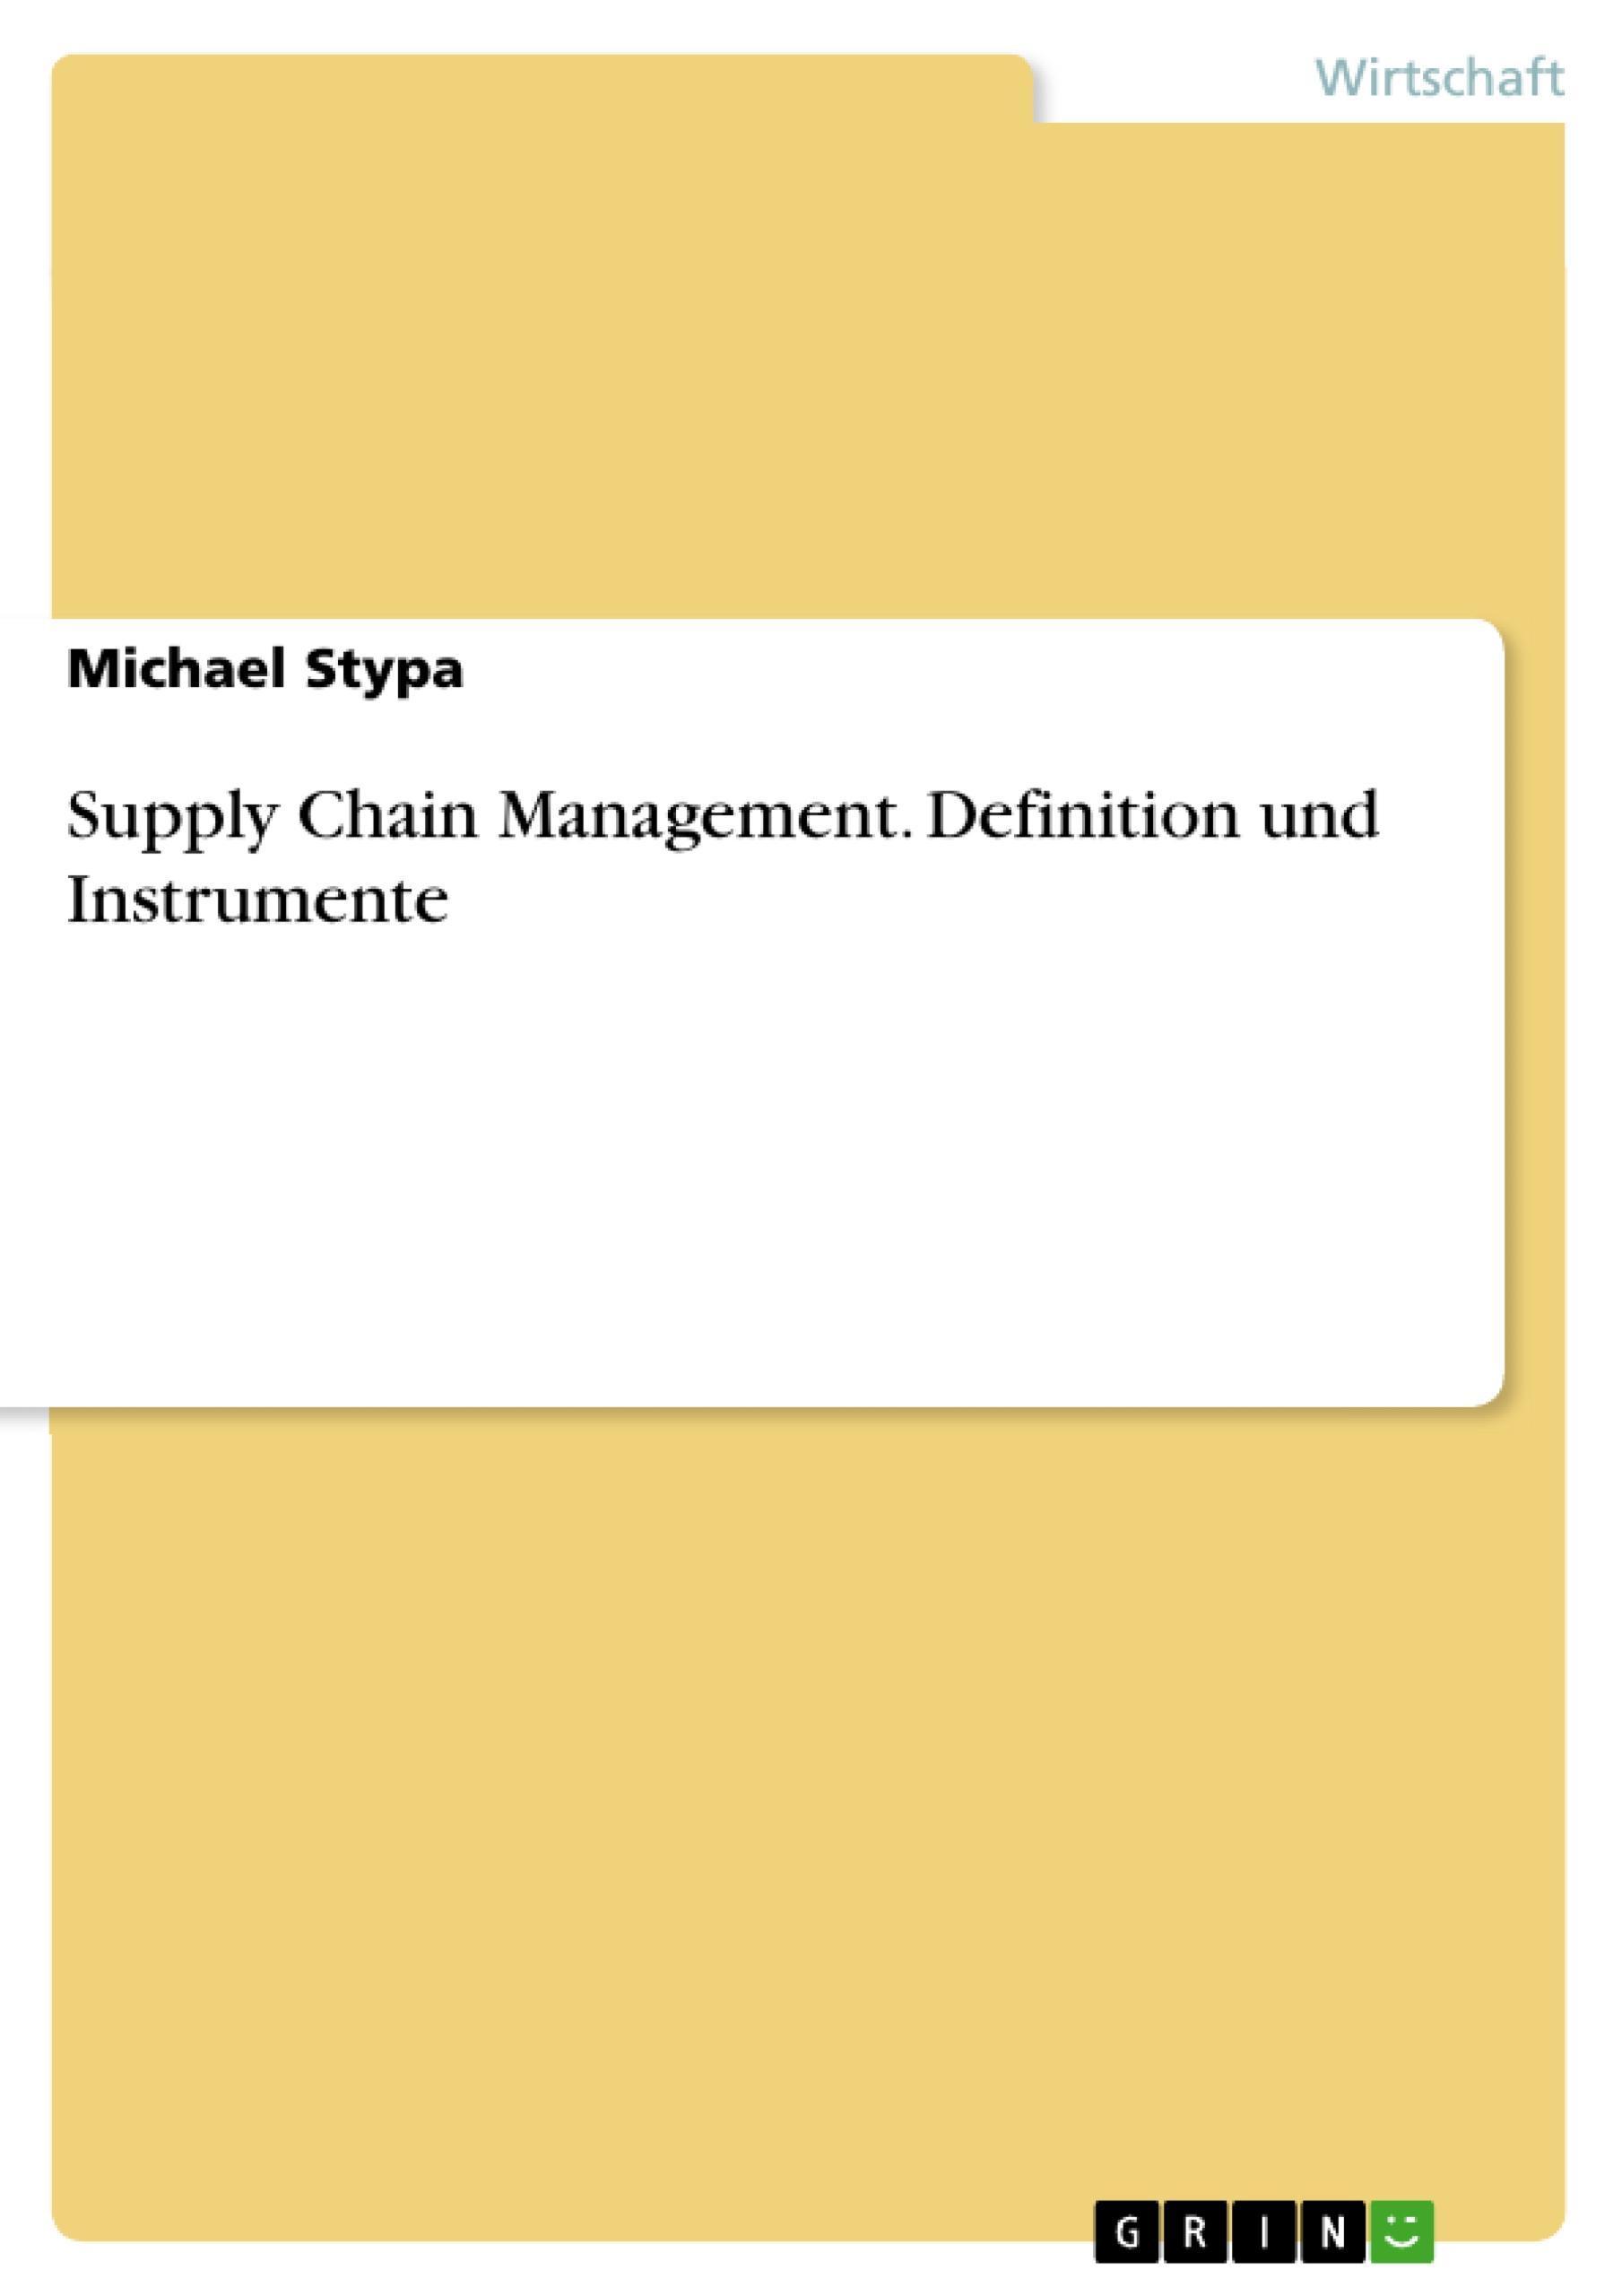 Supply Chain Management. Definition und Instrumente Michael Stypa